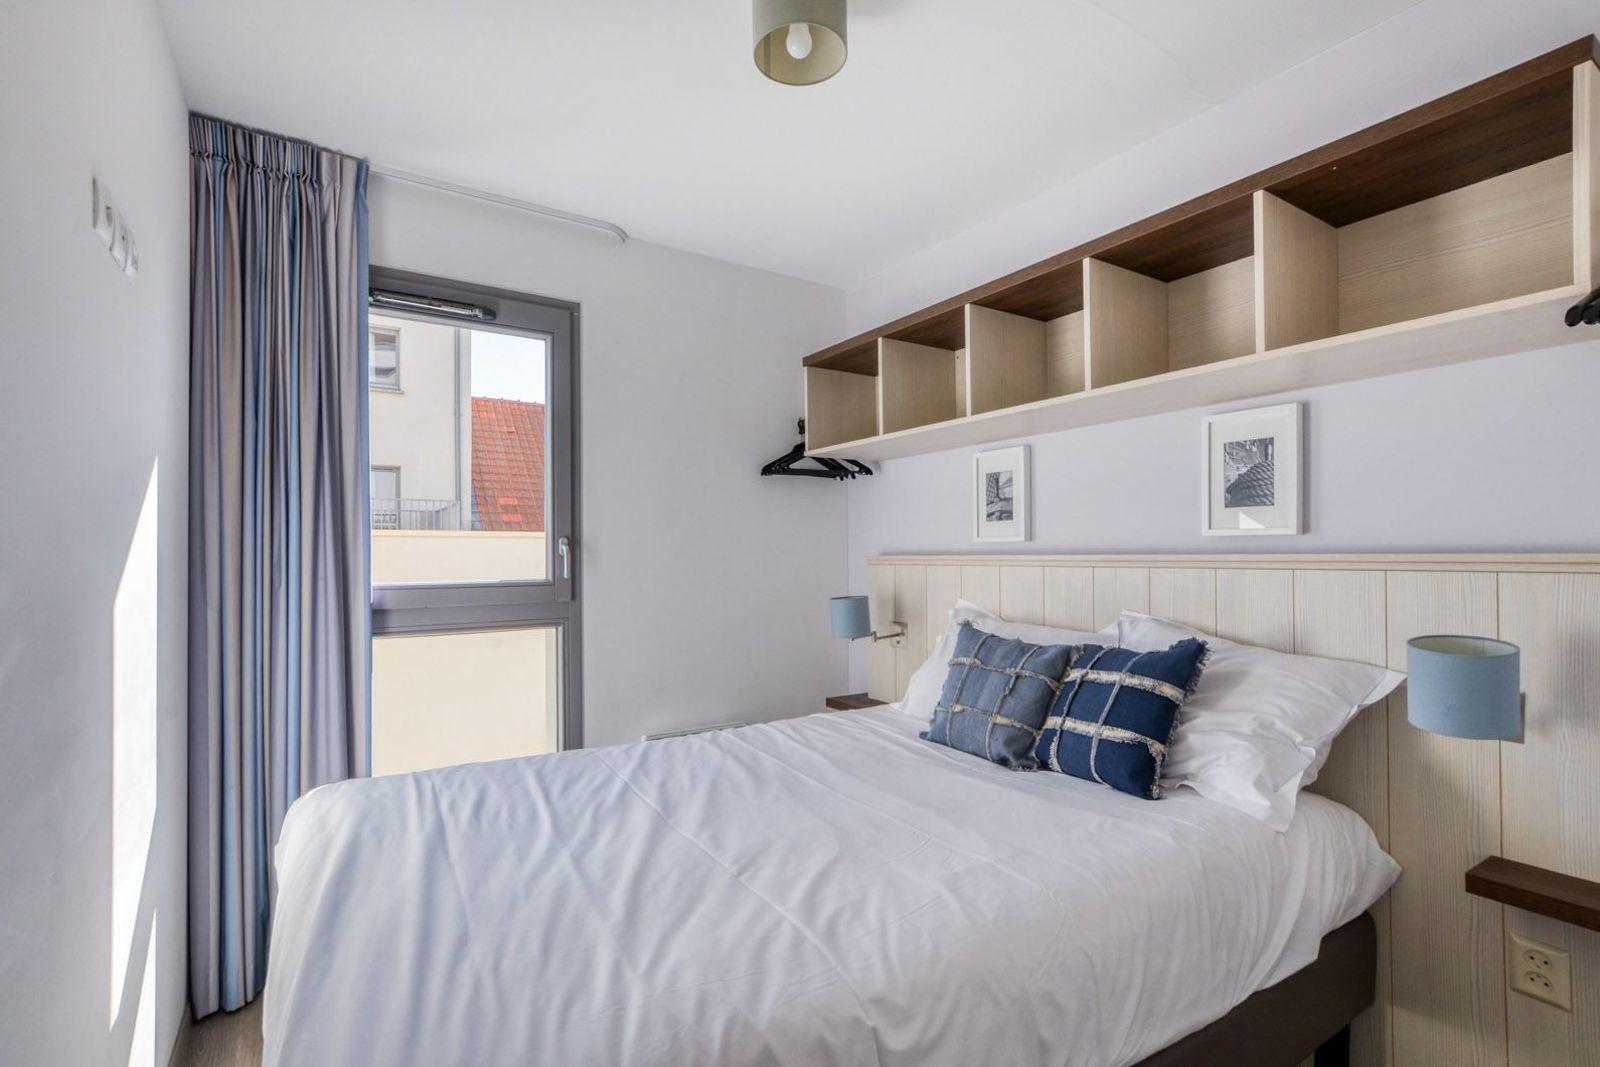 Holiday Suite pour 6 personnes avec balcon et vue sur mer